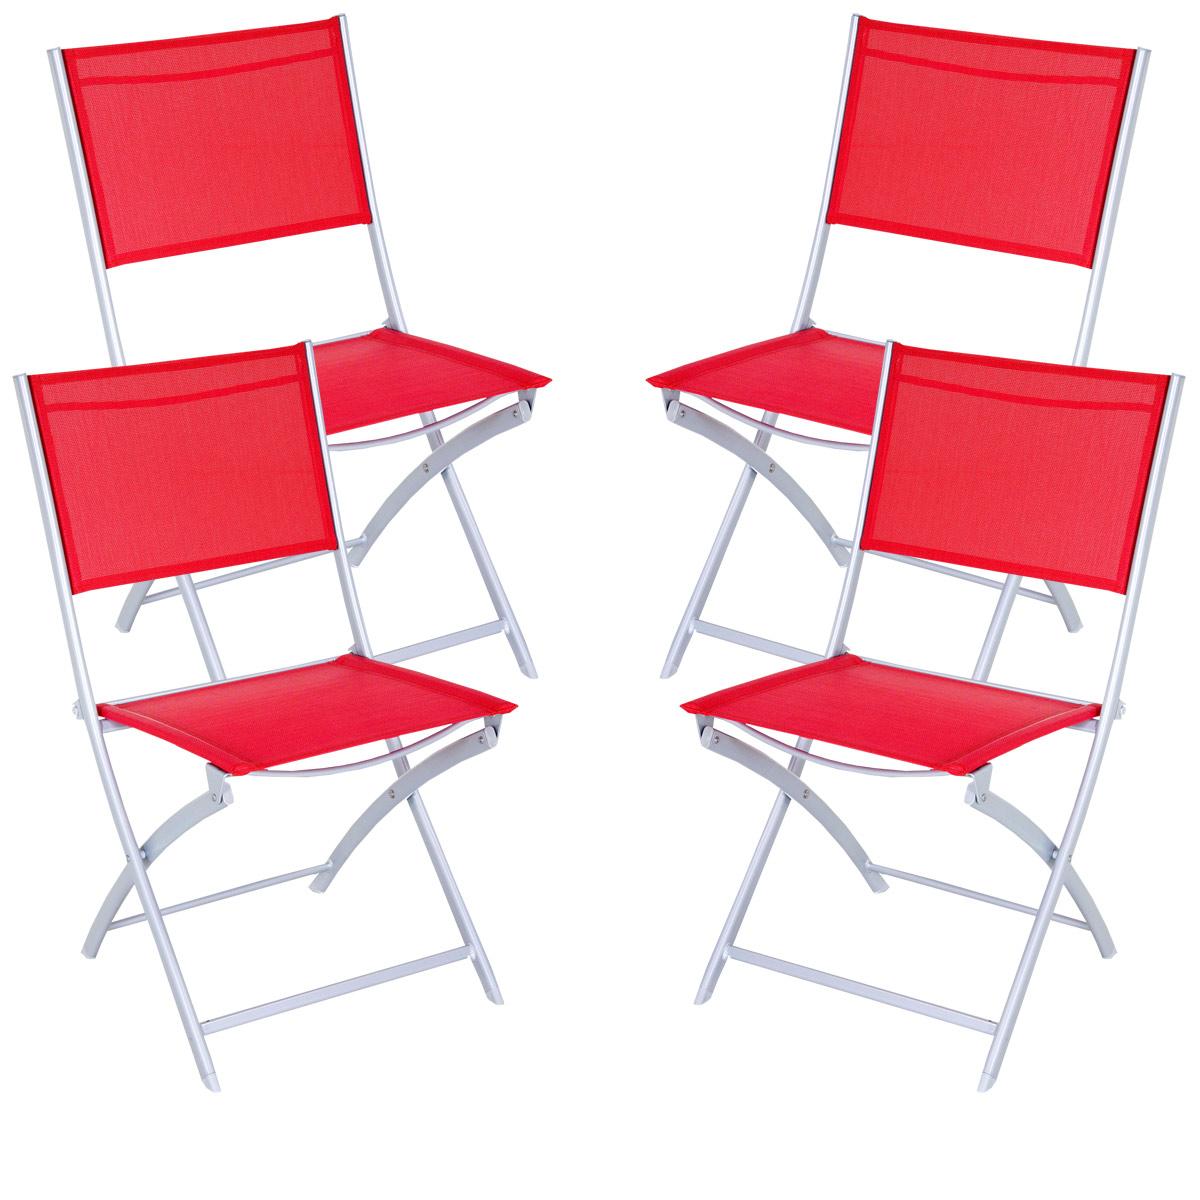 Lot de 4 chaises pliantes aluminium et texaline jardin acheter ce produit a - Lot de chaises pliantes ...